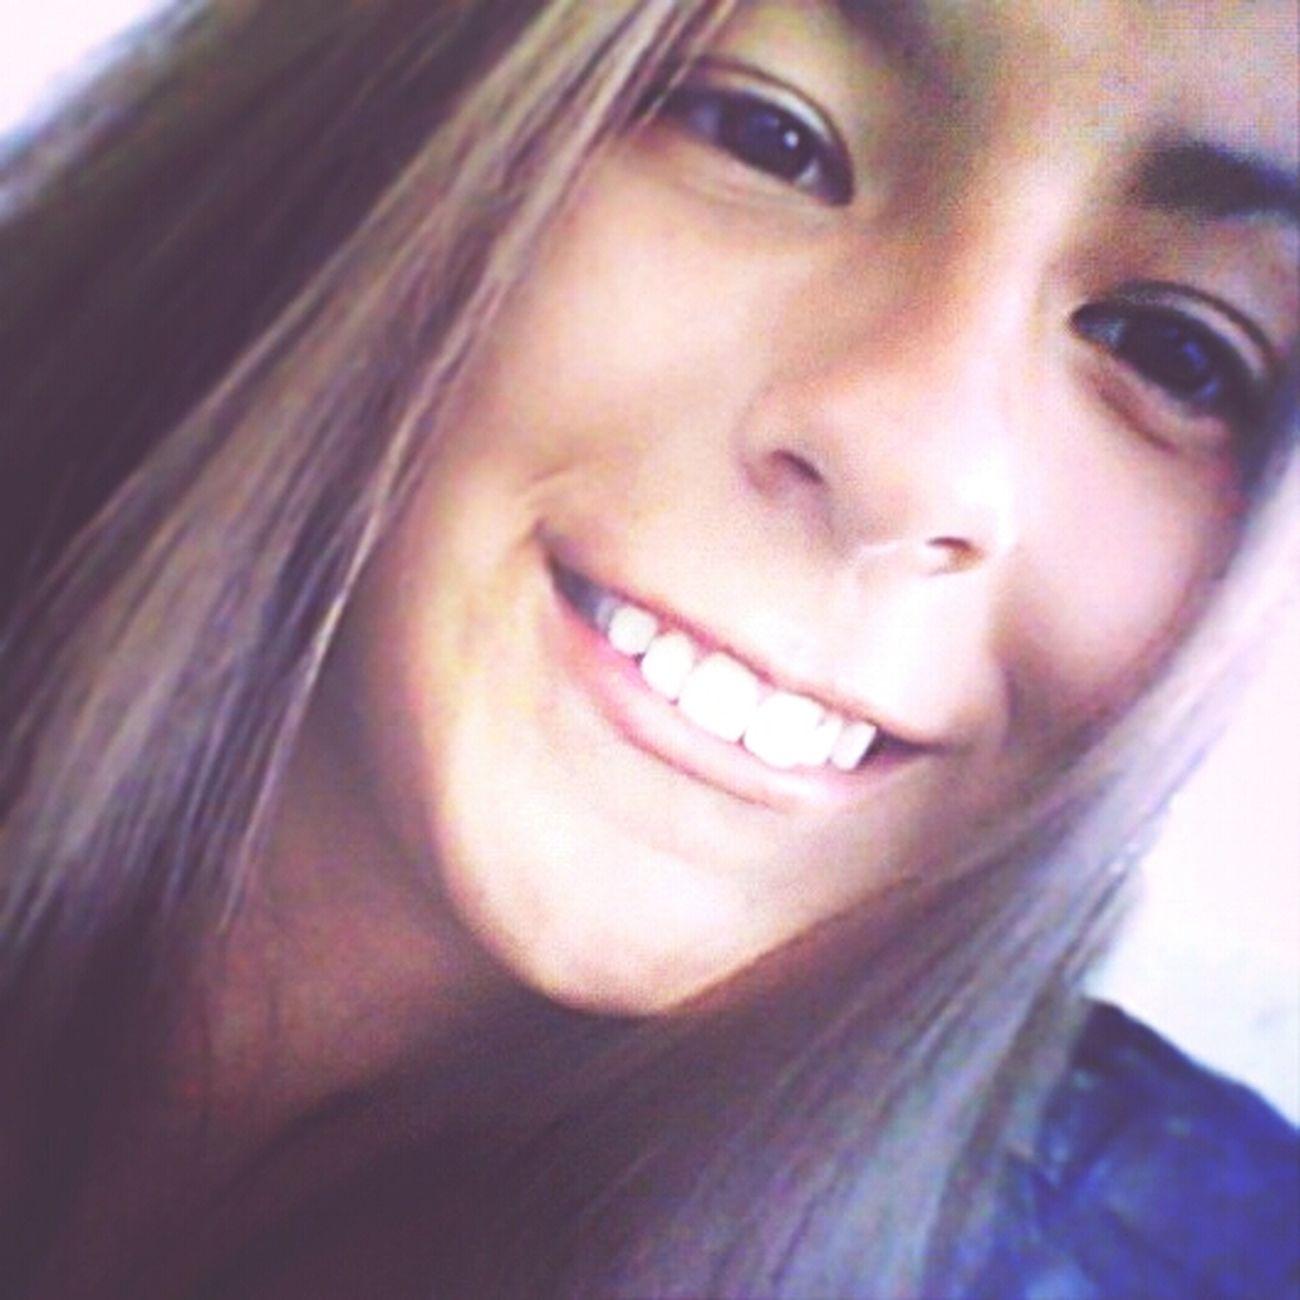 Cute #cute #me #smiling